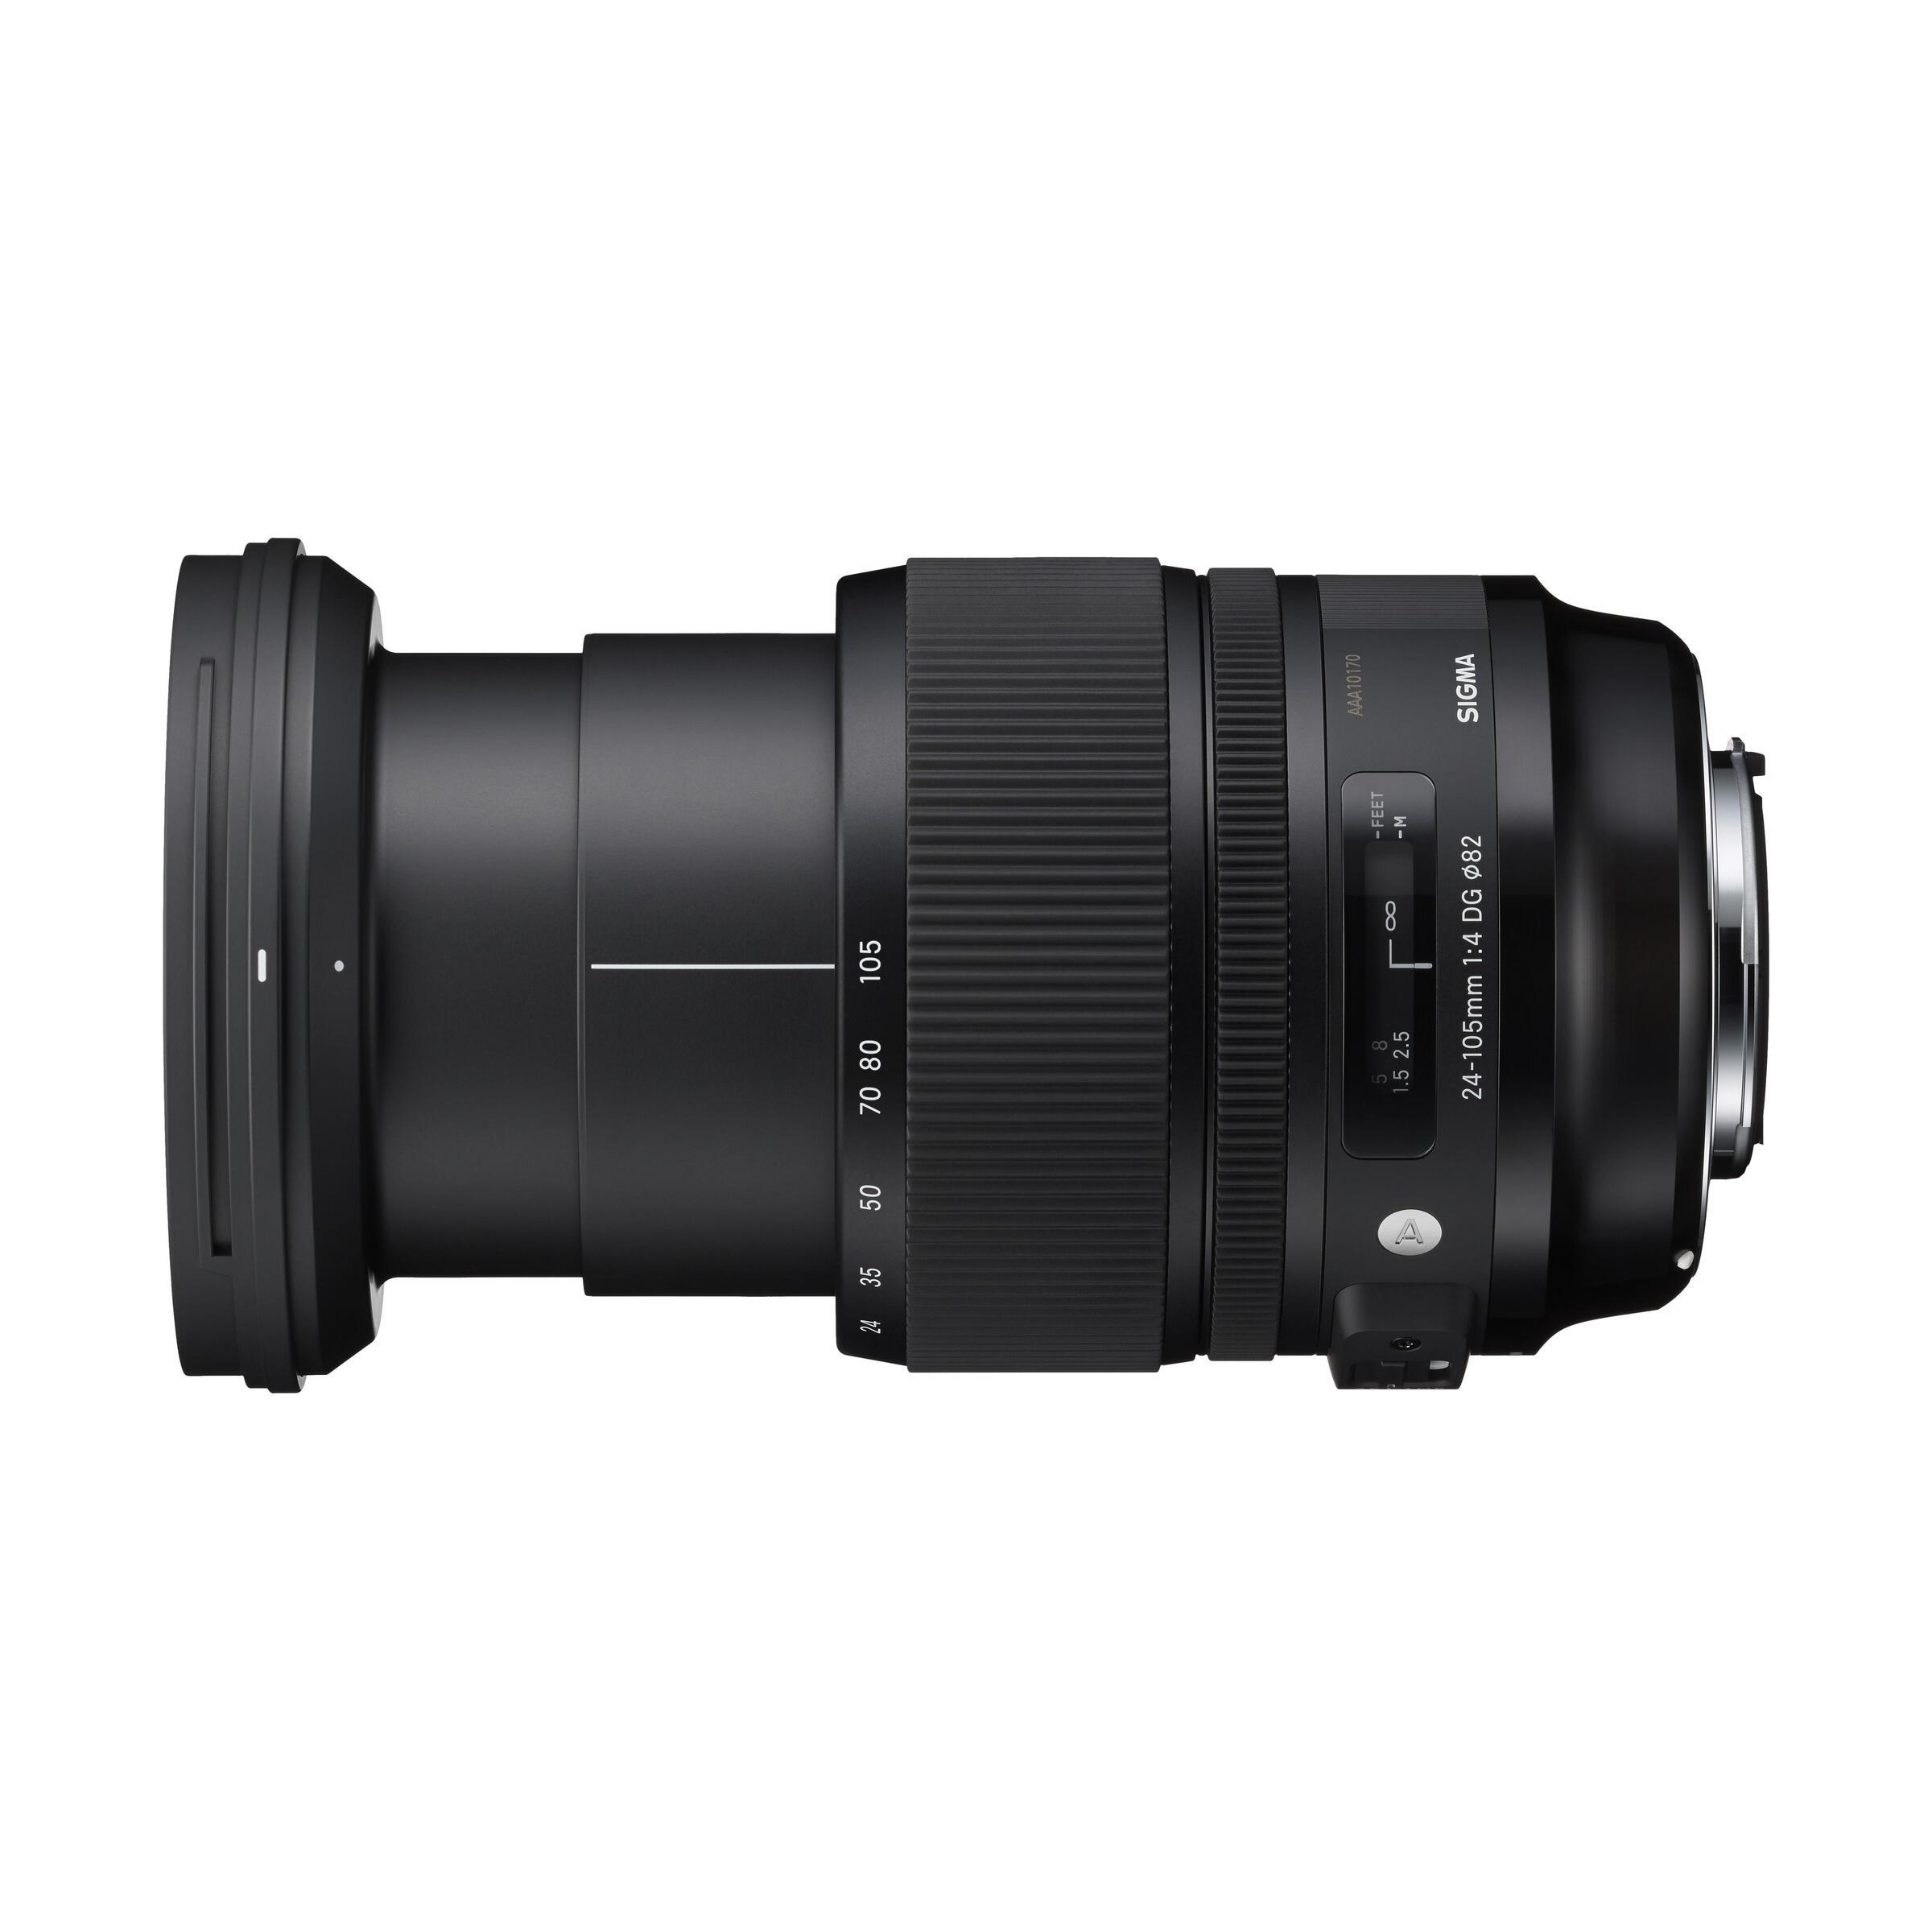 Sigma 24-105mm f/4,0 DG OS HSM Art für Canon